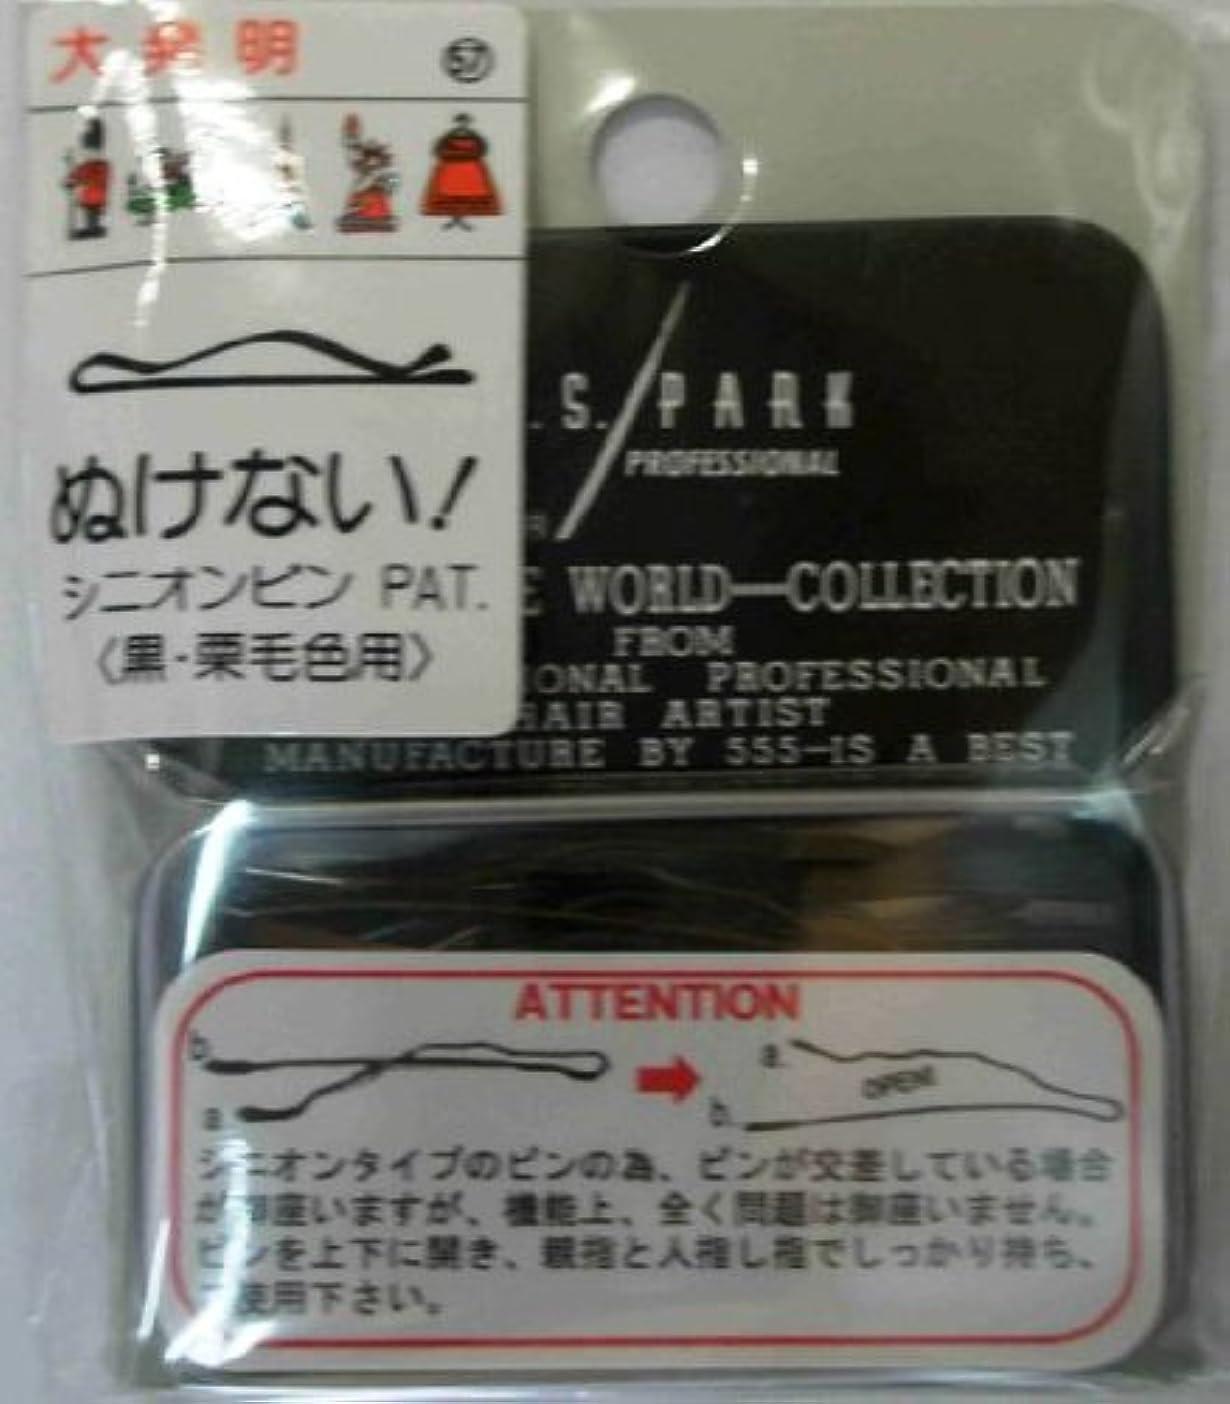 流行しているつづりアラスカY.S.PARK世界のヘアピンコレクションNo.57(黒?栗毛色用)24P